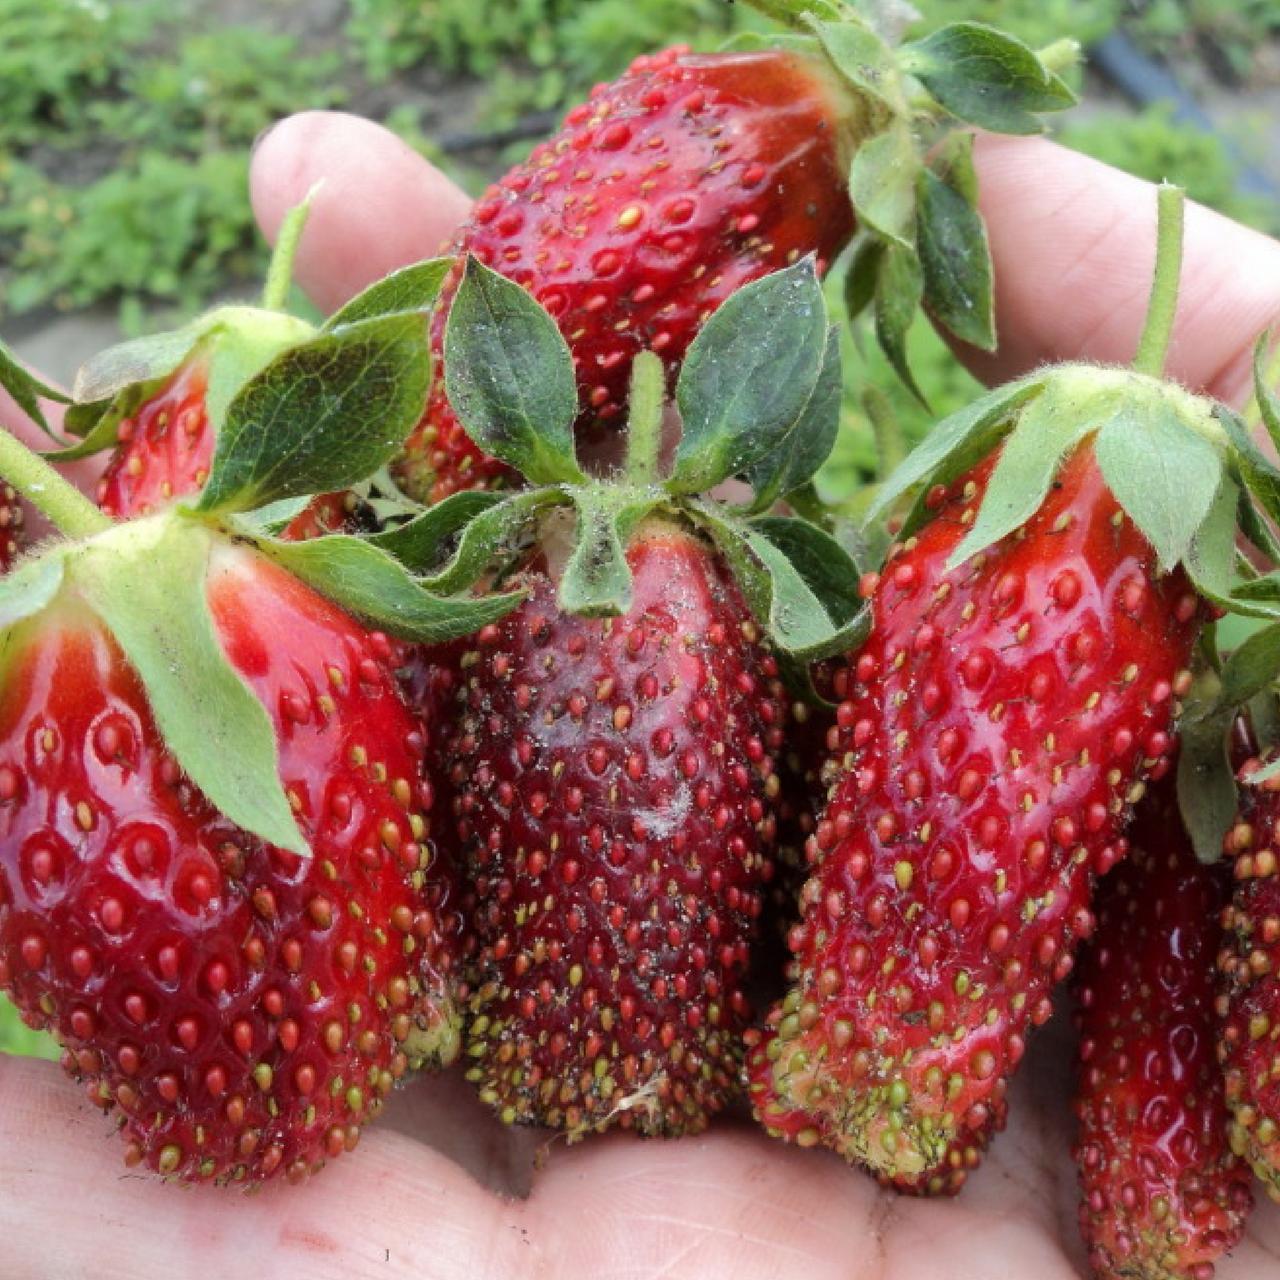 Клубника купчиха – как правильно поливать и удобрять, особенности ухода после плодоношения